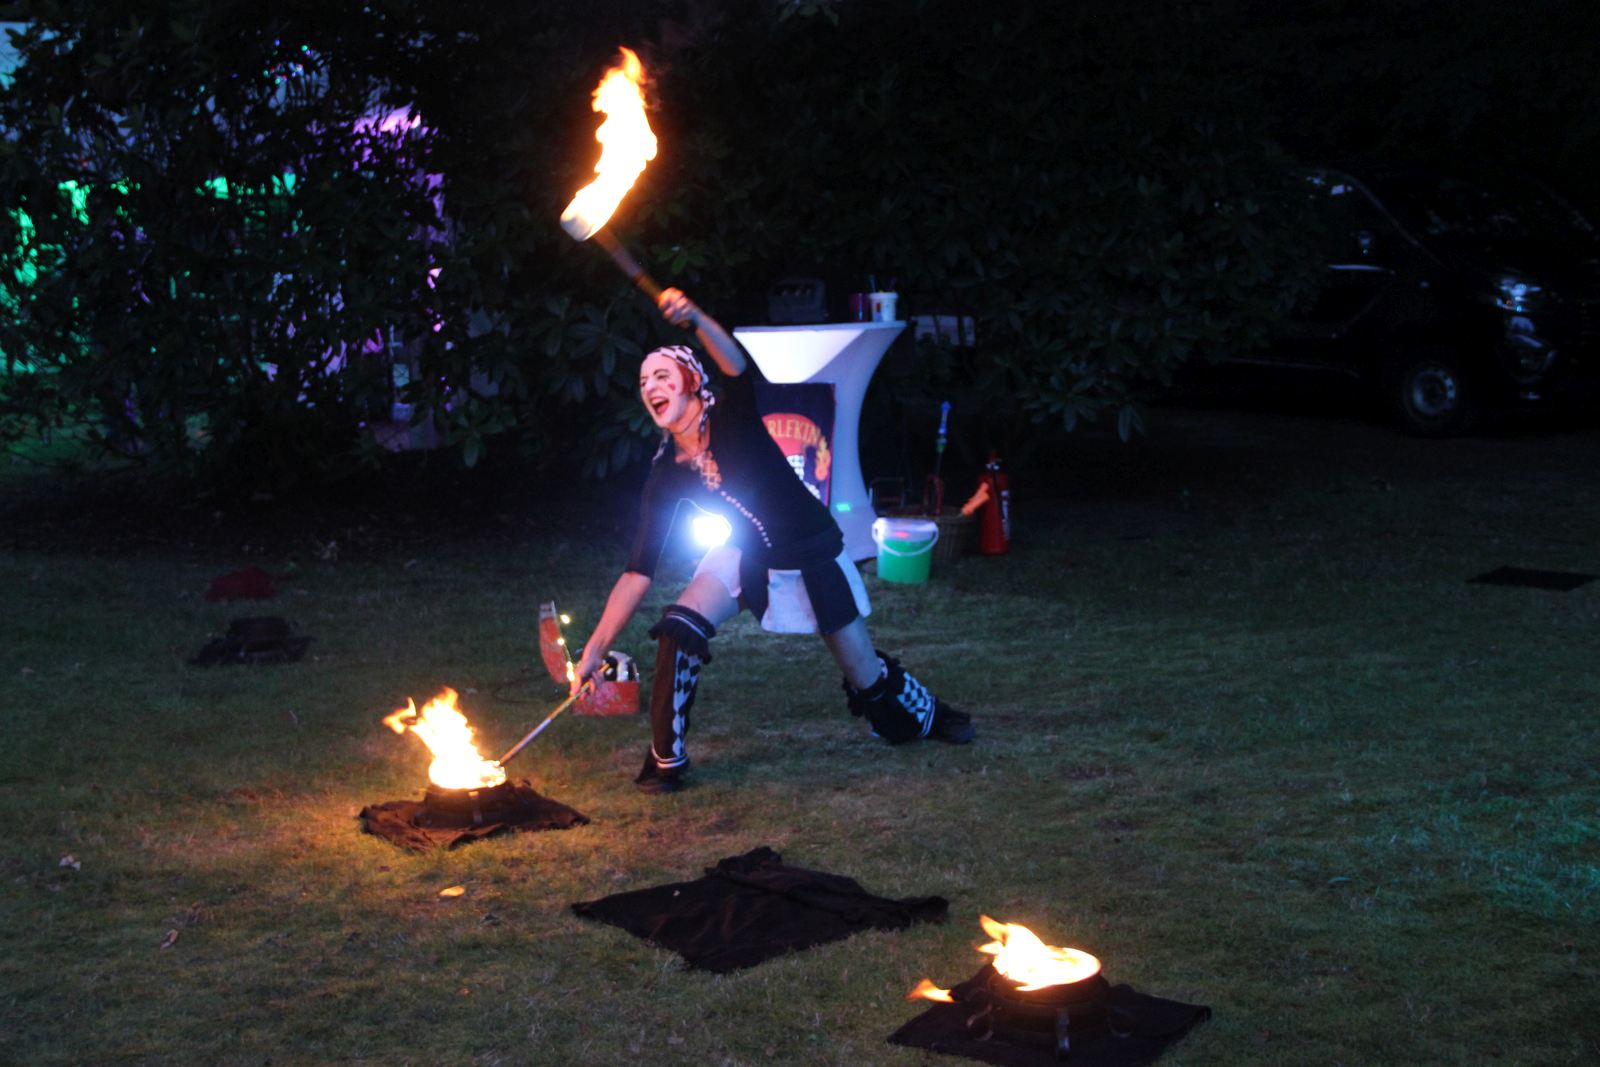 Zirkus Feuershow in Itzehoe zur Firmenfeier